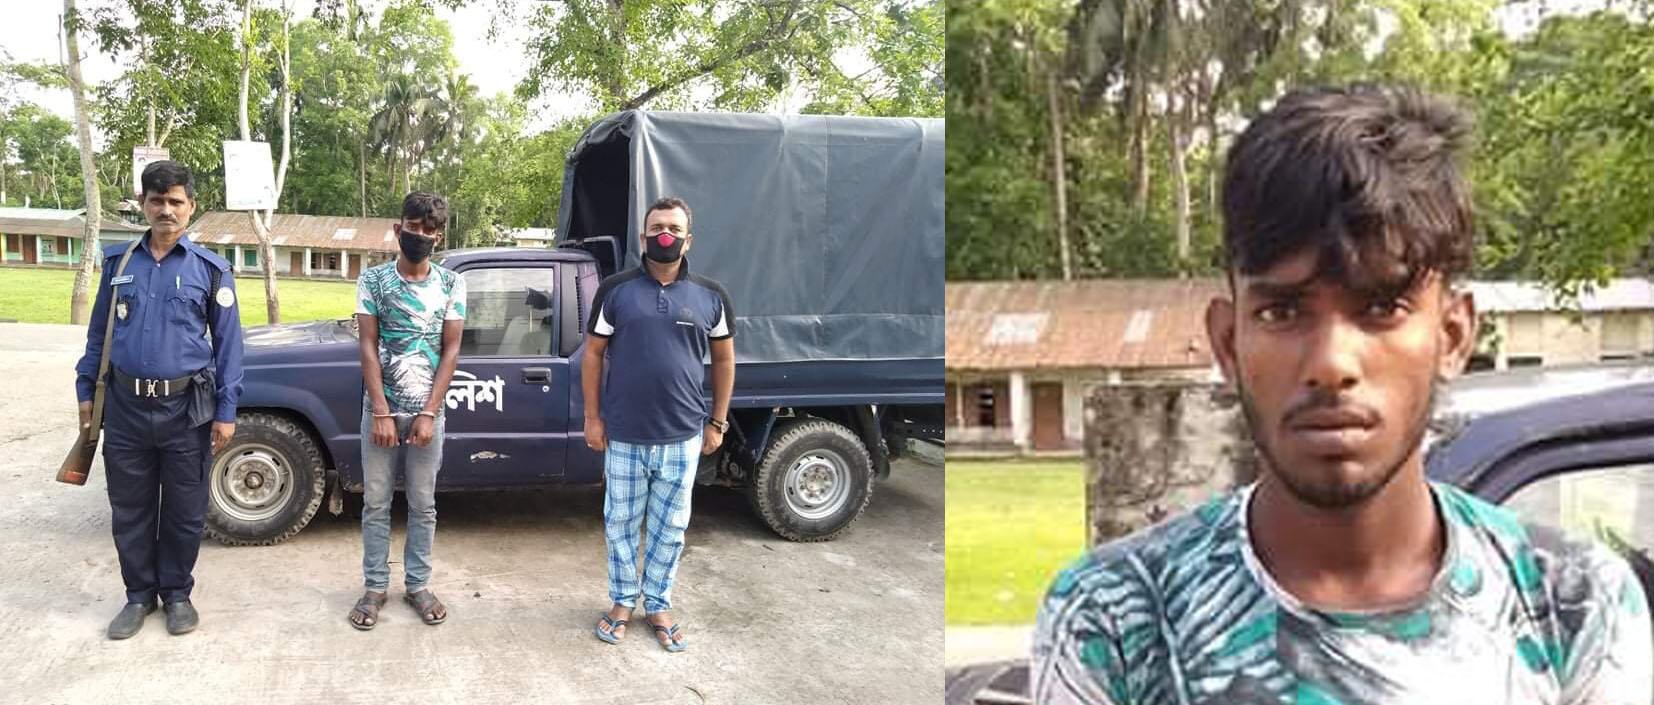 বাবুগঞ্জের আগরপুরে ইয়াবাসহ মাদক বিক্রেতা আটক